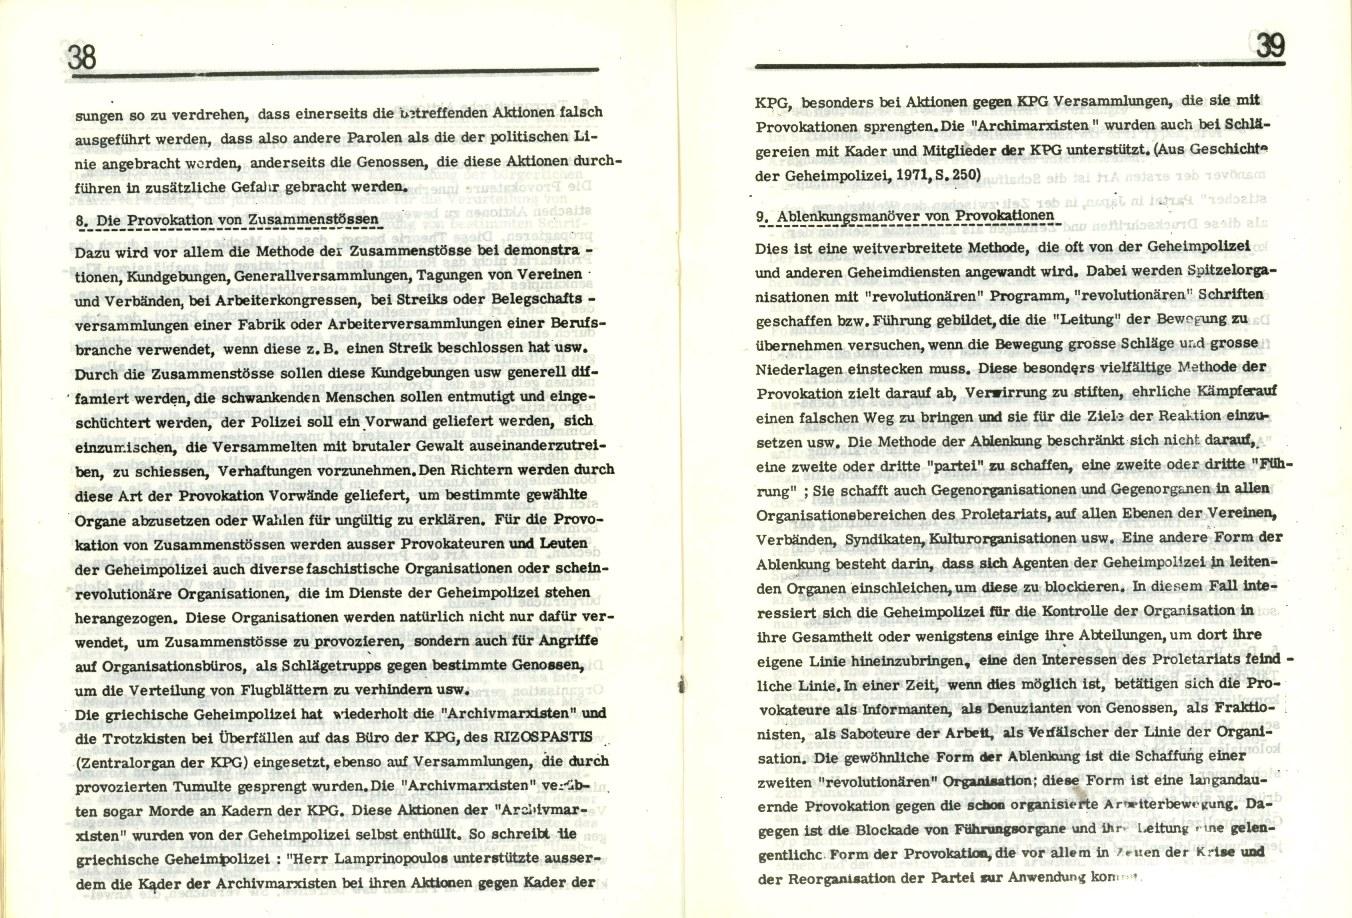 Griechenland_Griechische_ML_1971_Dokumente_01_20